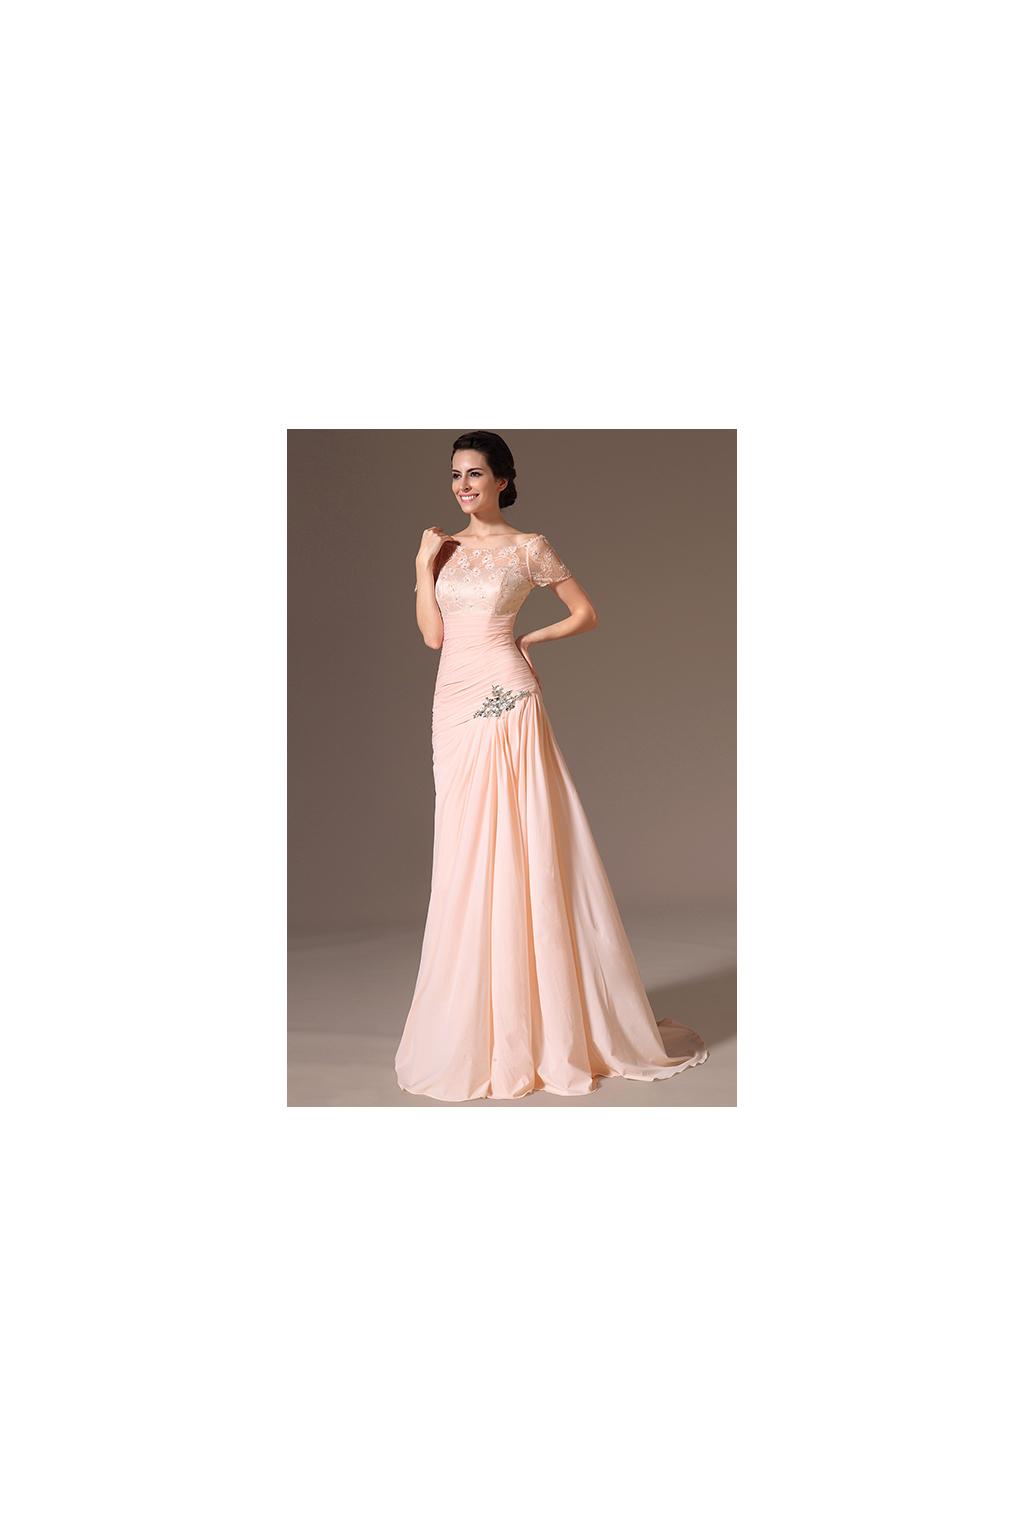 Meruňkové plesové šaty s vlečkou - vel. 40 a 42 - MiaBella e983bf6c023